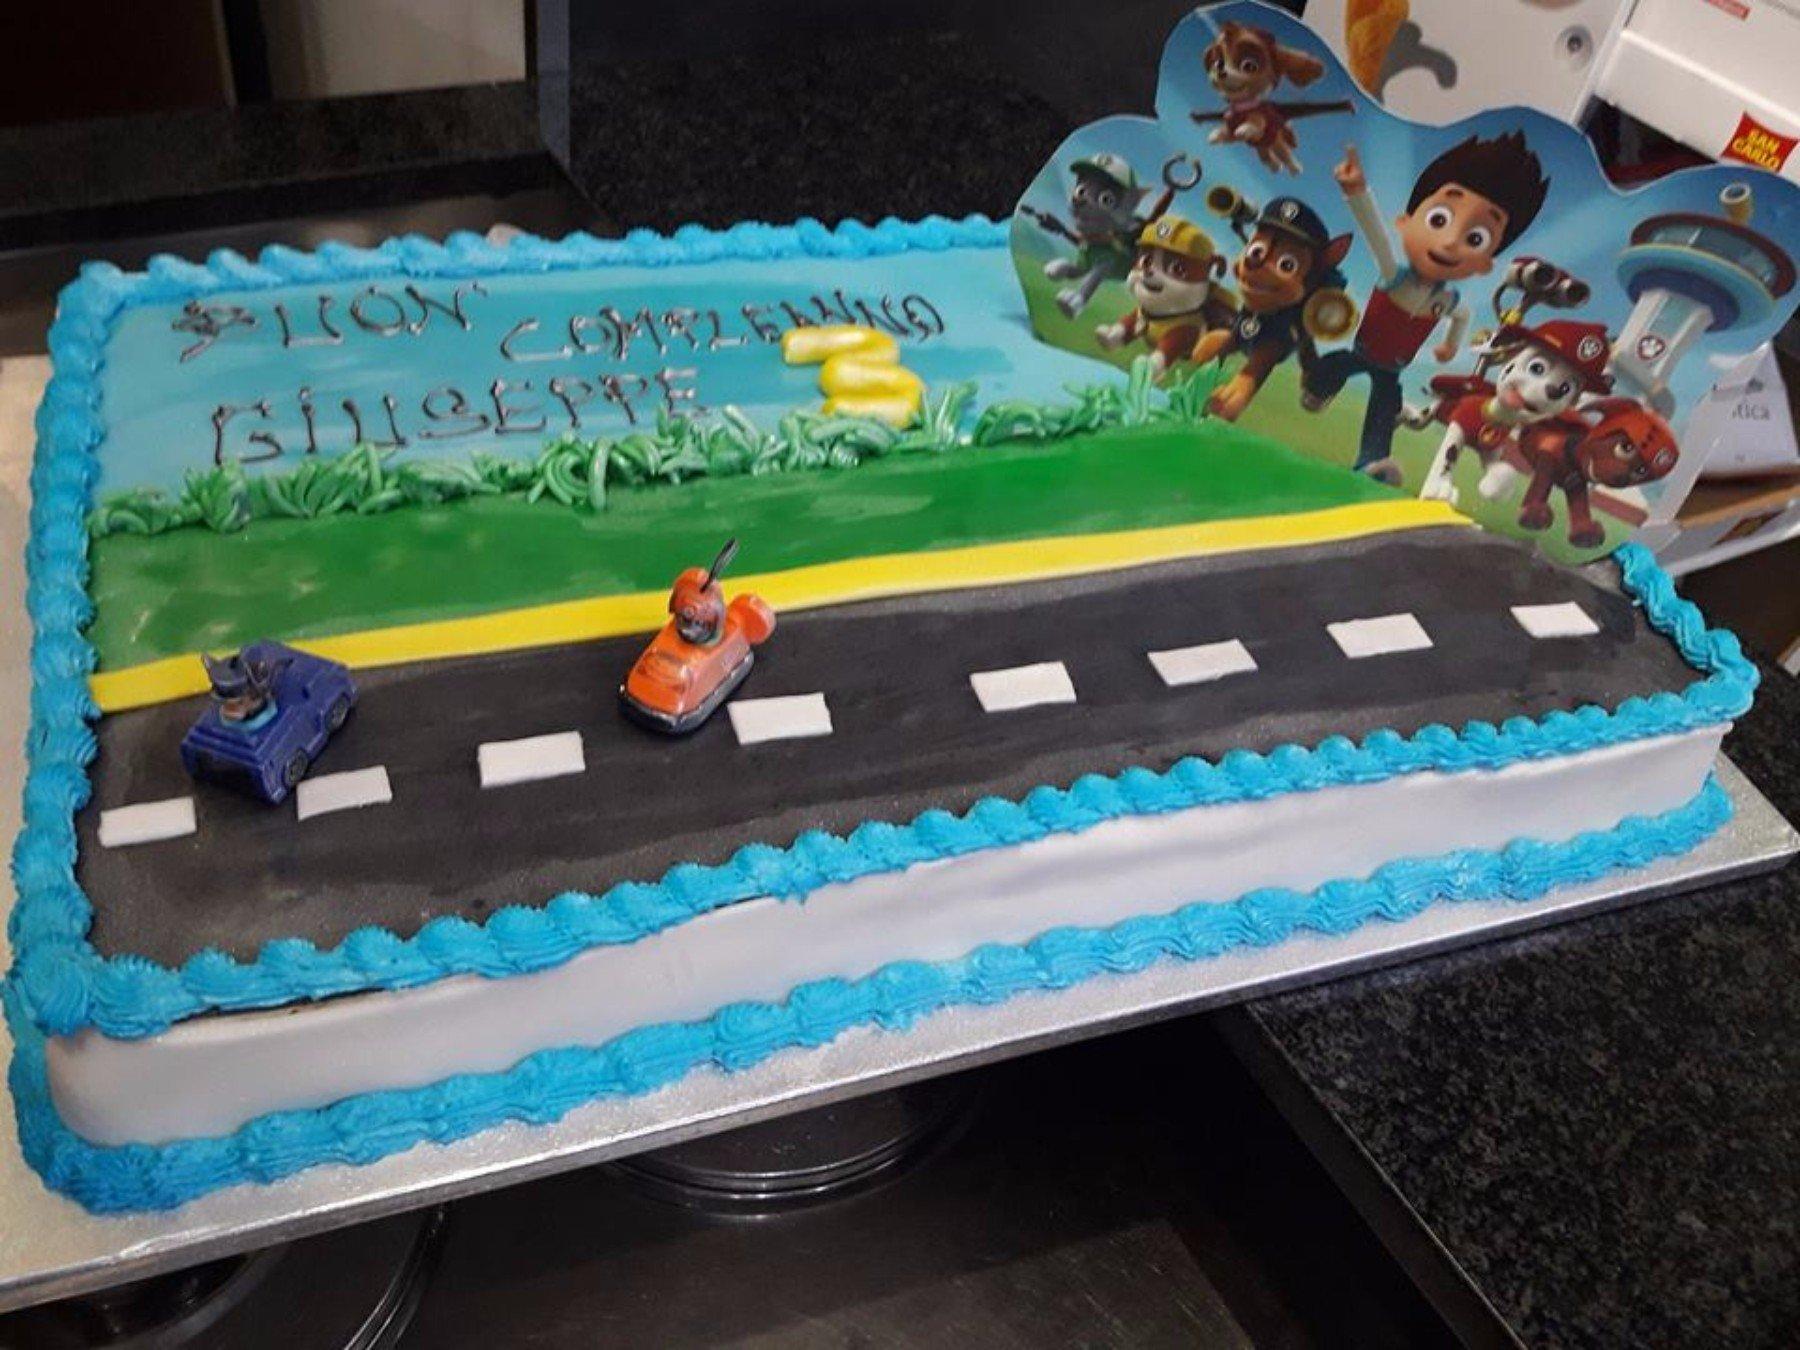 Torta blu e bianco con auto e personaggi di cartoni animati